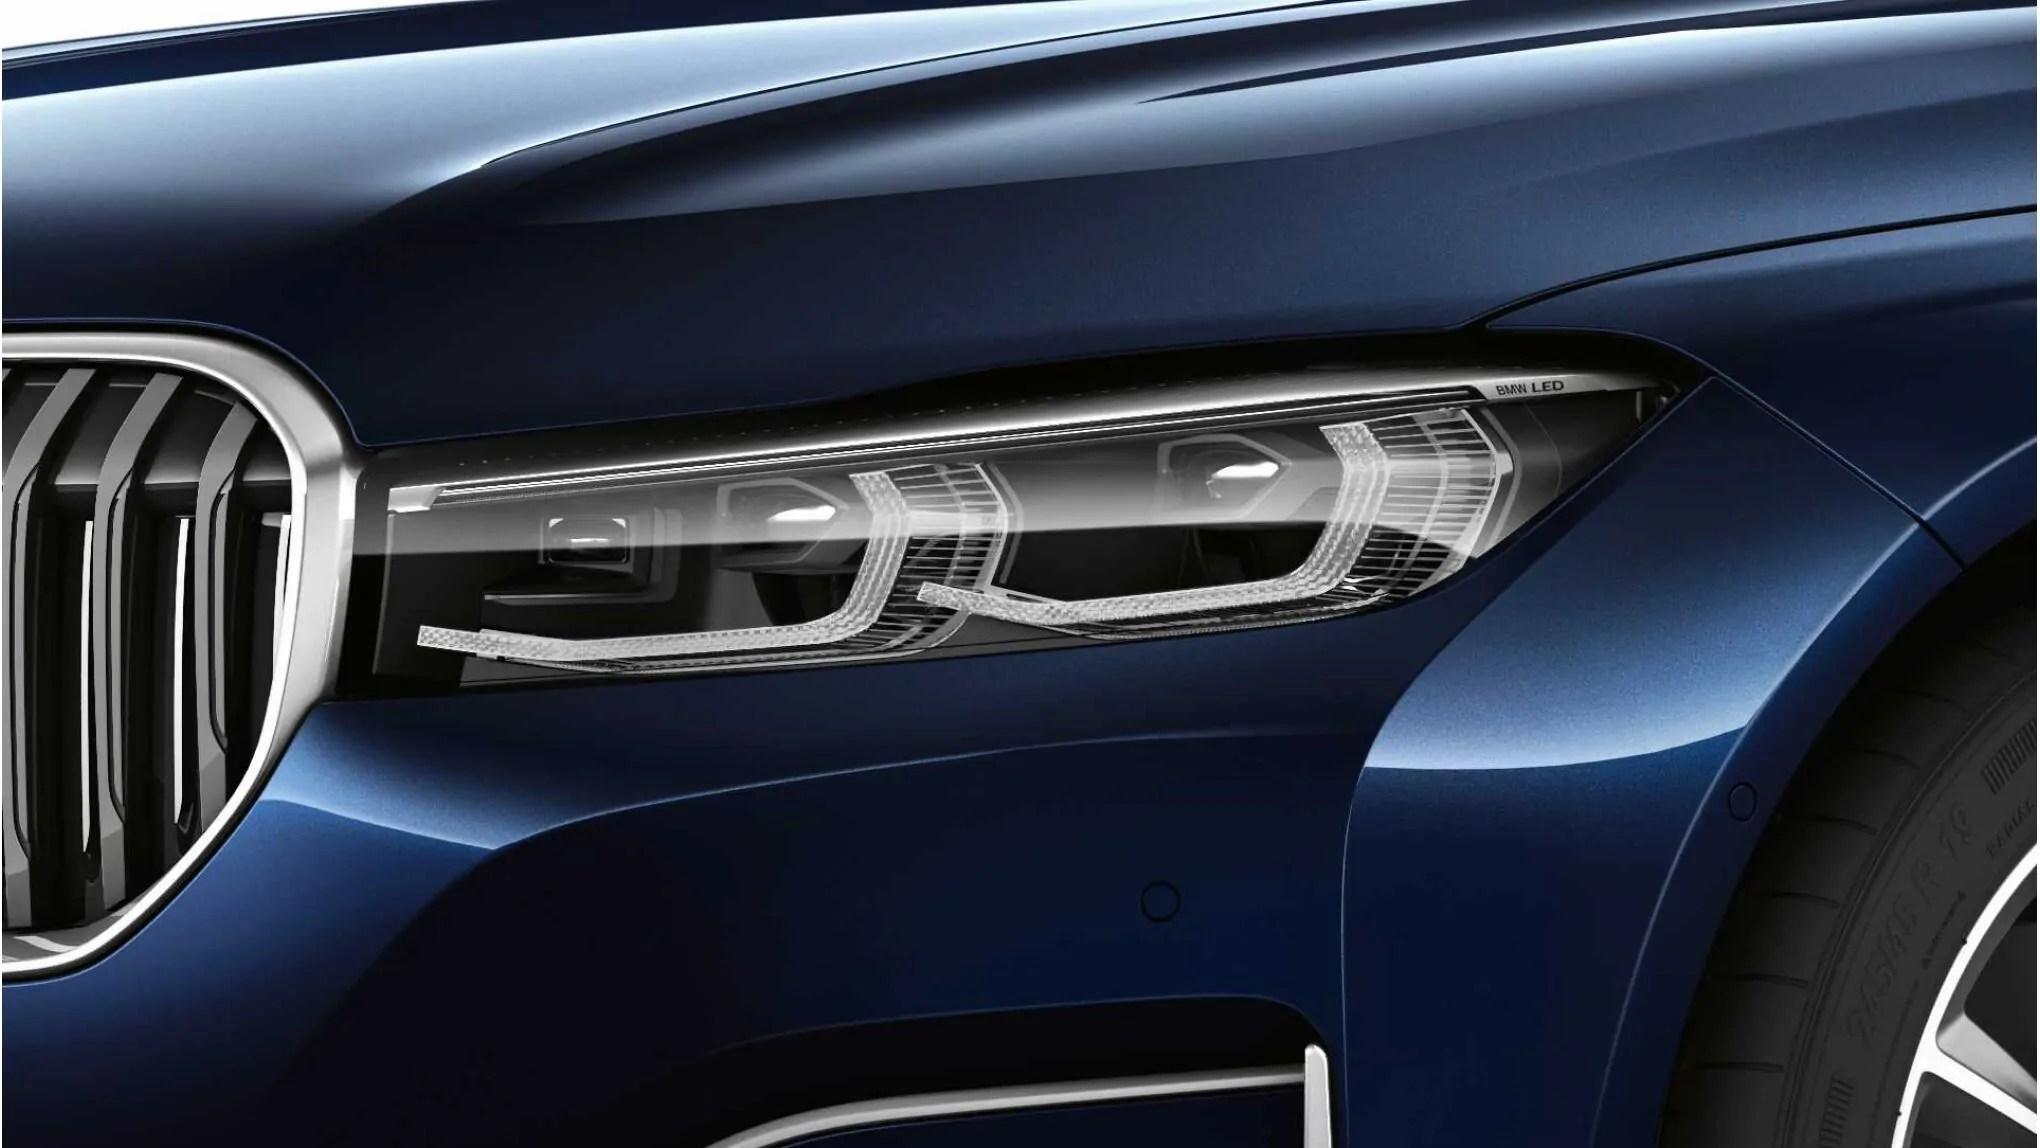 BMW 7 Series E65-E68 2002-2005 Top Quality Headlight Chrome Trim Upgrade